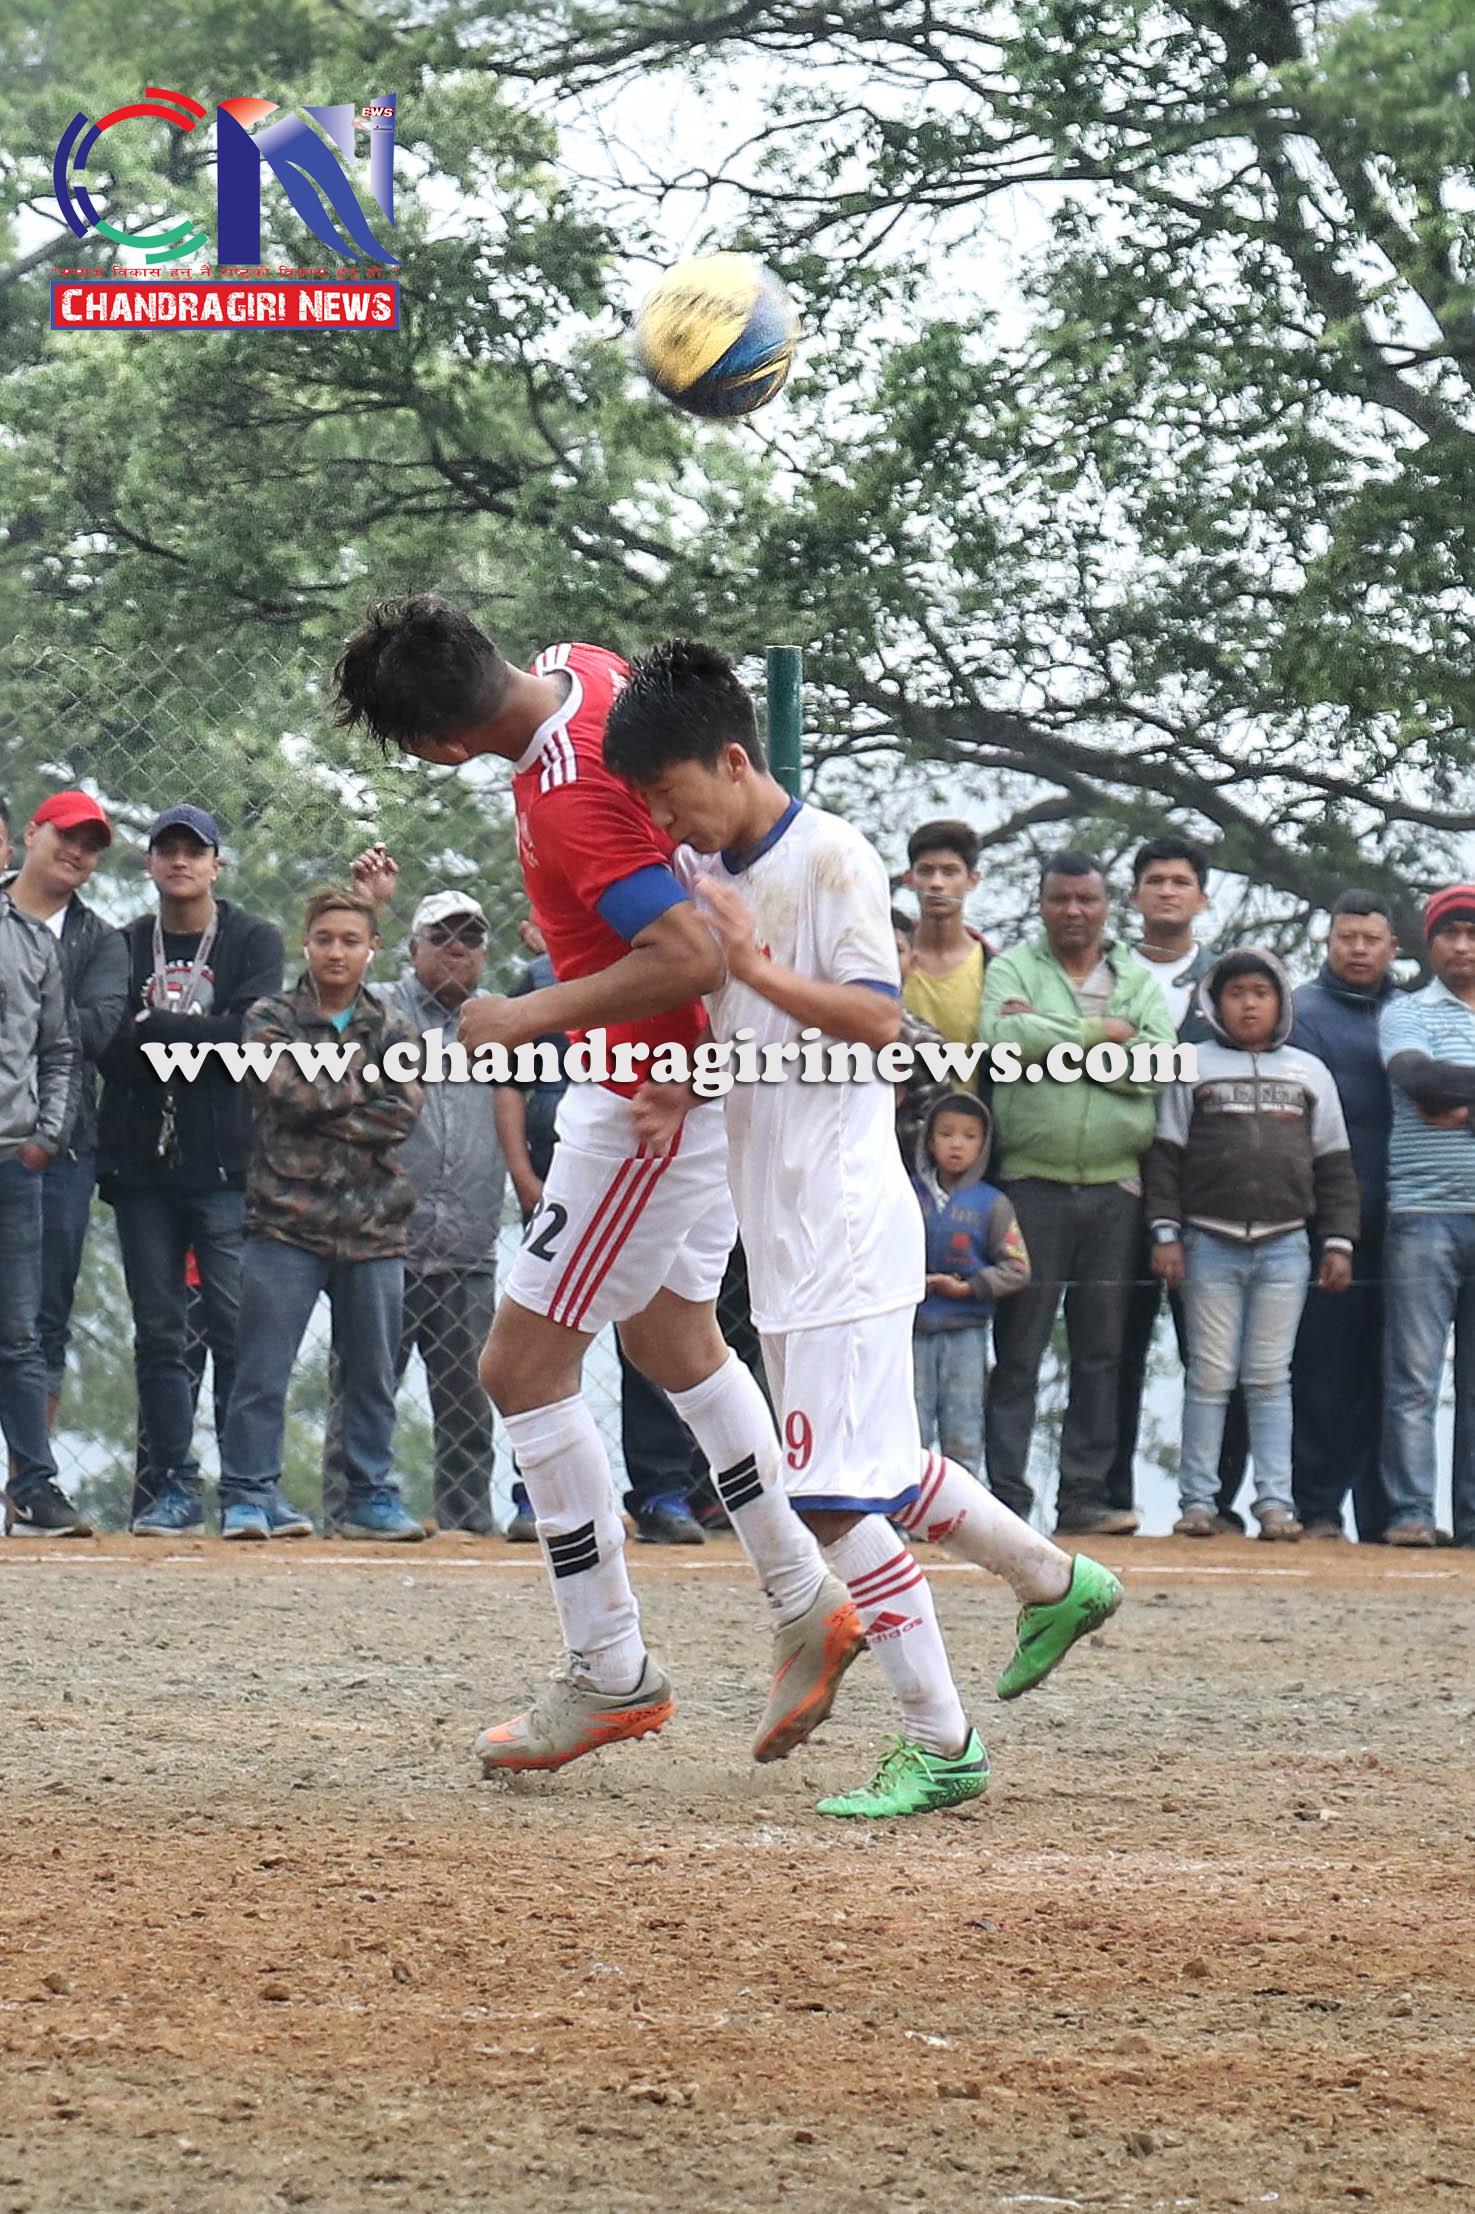 Chandragirinews western-united-3rd-game-10 चाैठाै नेपाललय वईस्टन युनाईटेड क्लवकप फुटबल प्रतियाेगितामा ब्लु बेल फुटबल क्लब र वराकल रे स्पोर्ट्स एकेडेमीको विजयी सुरुवात खेलकुद नगरपालिका ब्रेकिंग न्युज मातातिर्थ मुख्य राष्ट्रिय    chandragiri